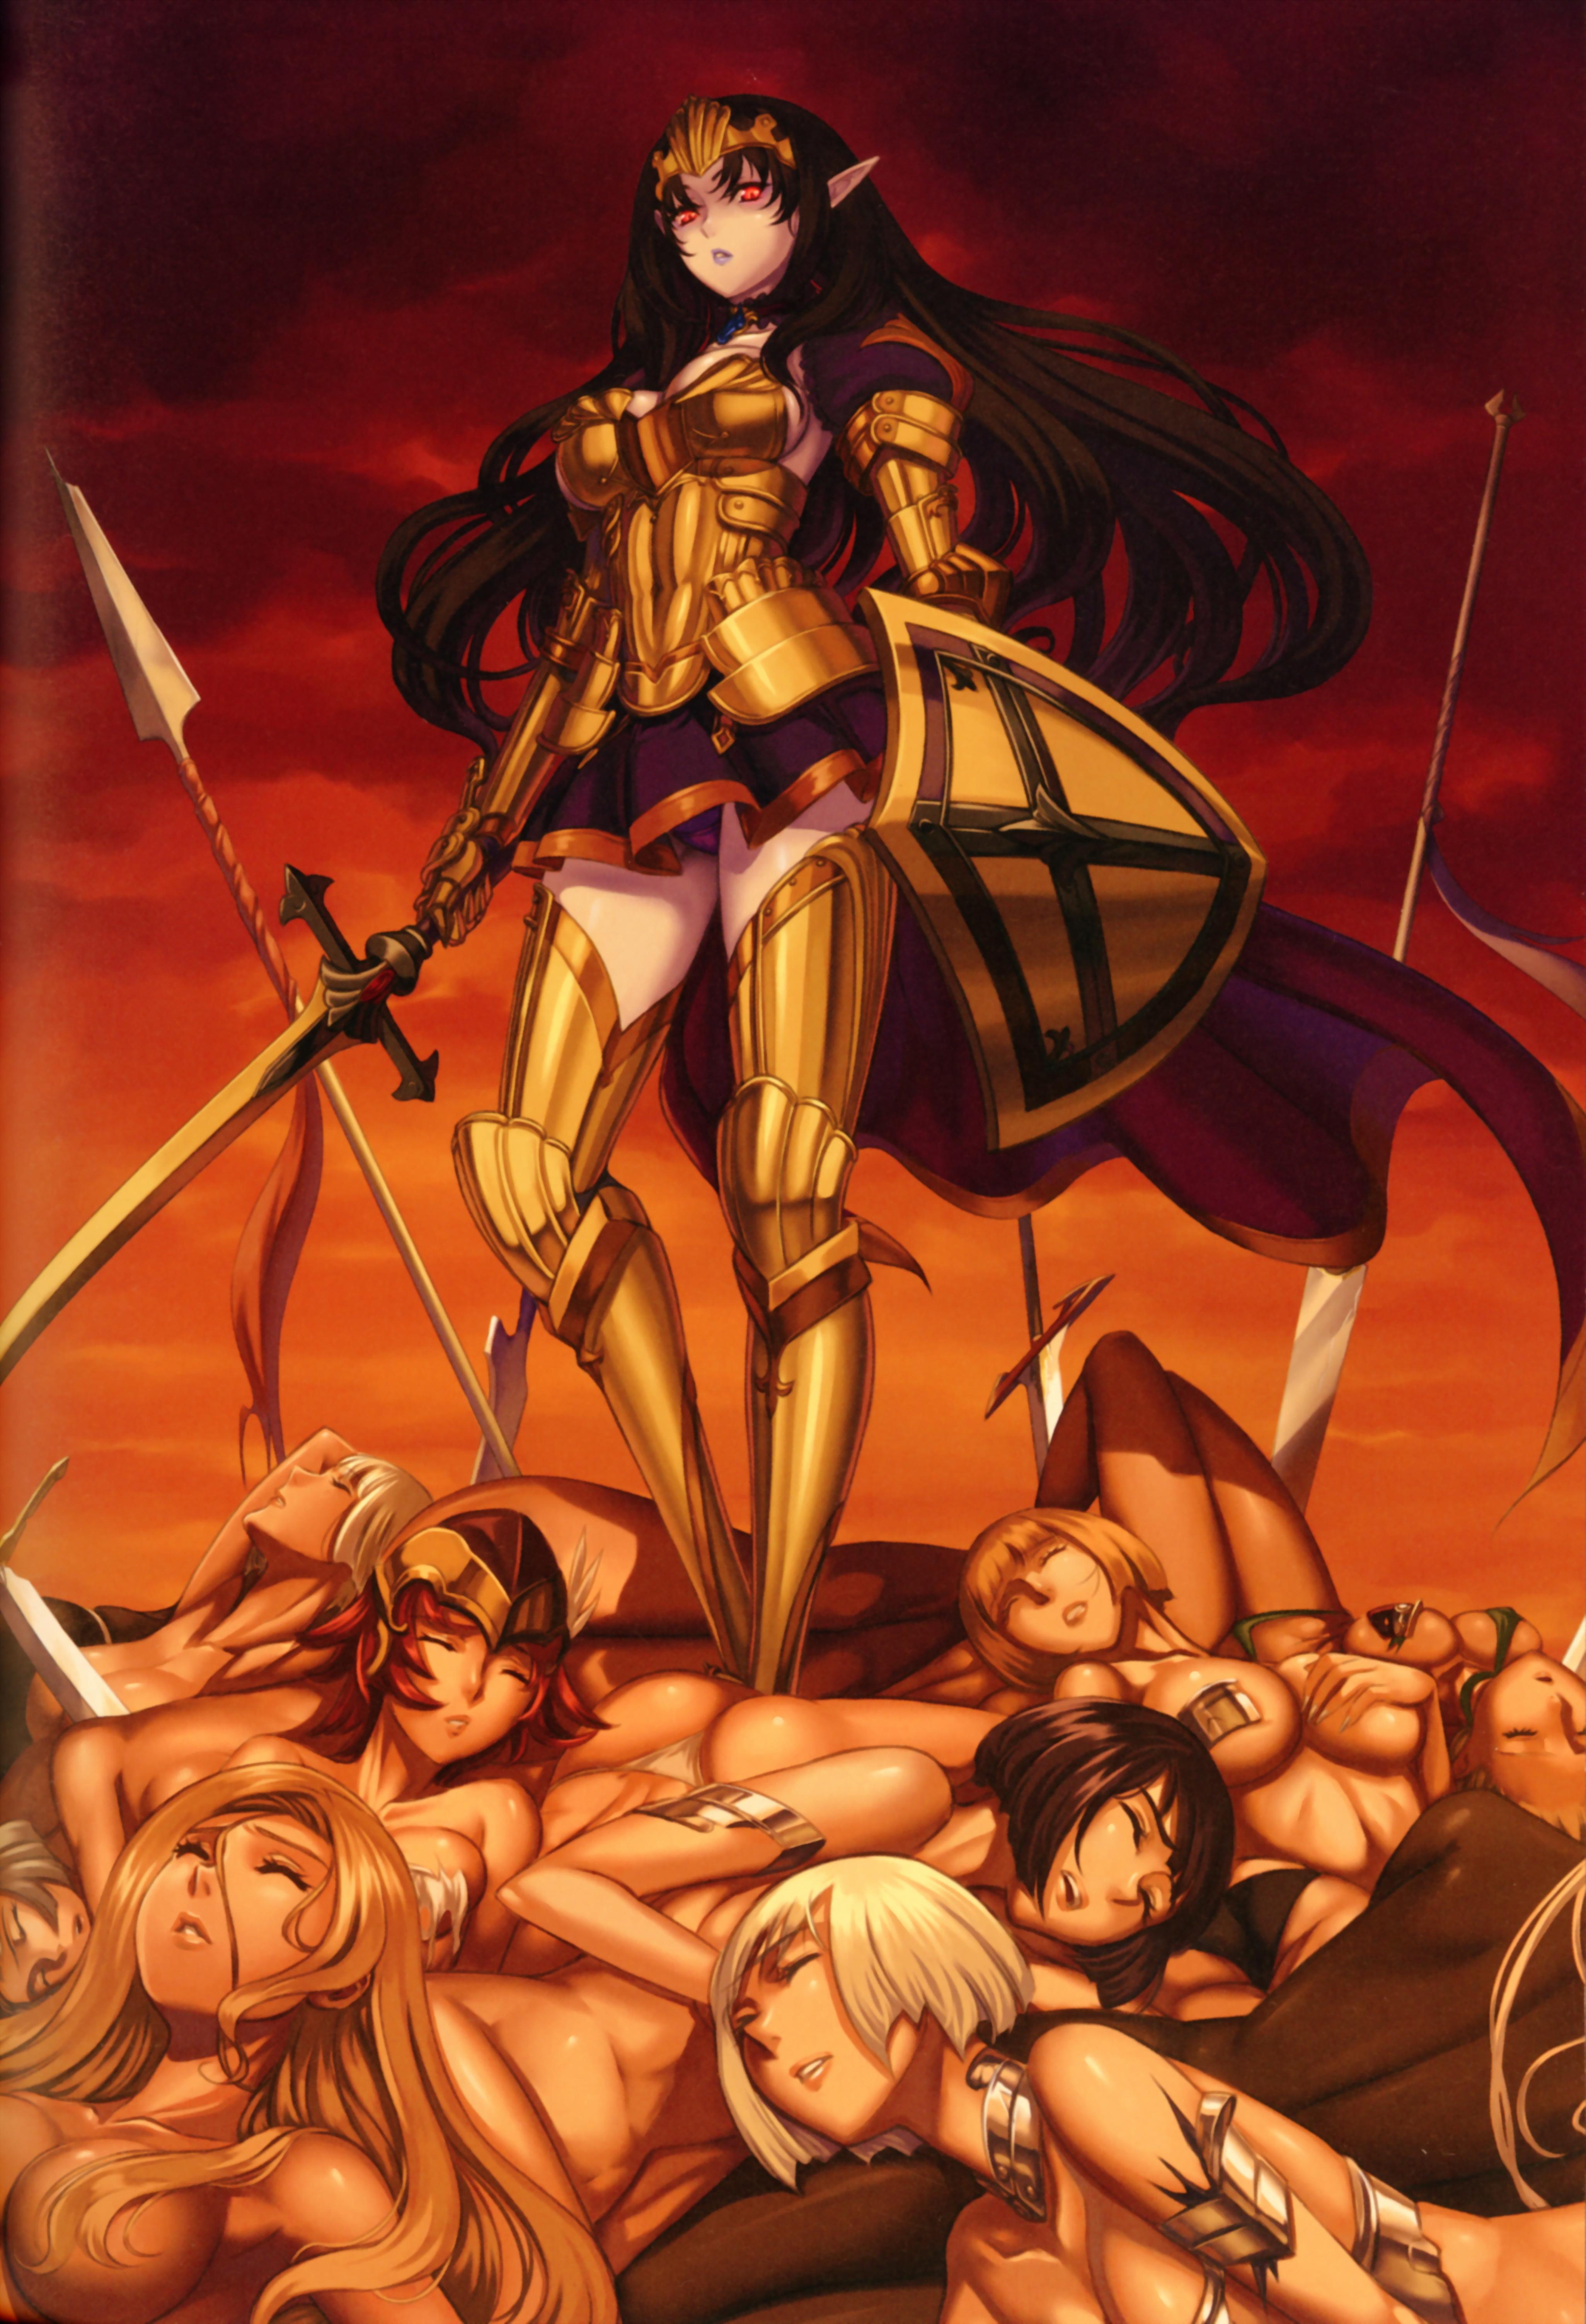 QueenS Blade Deutsch